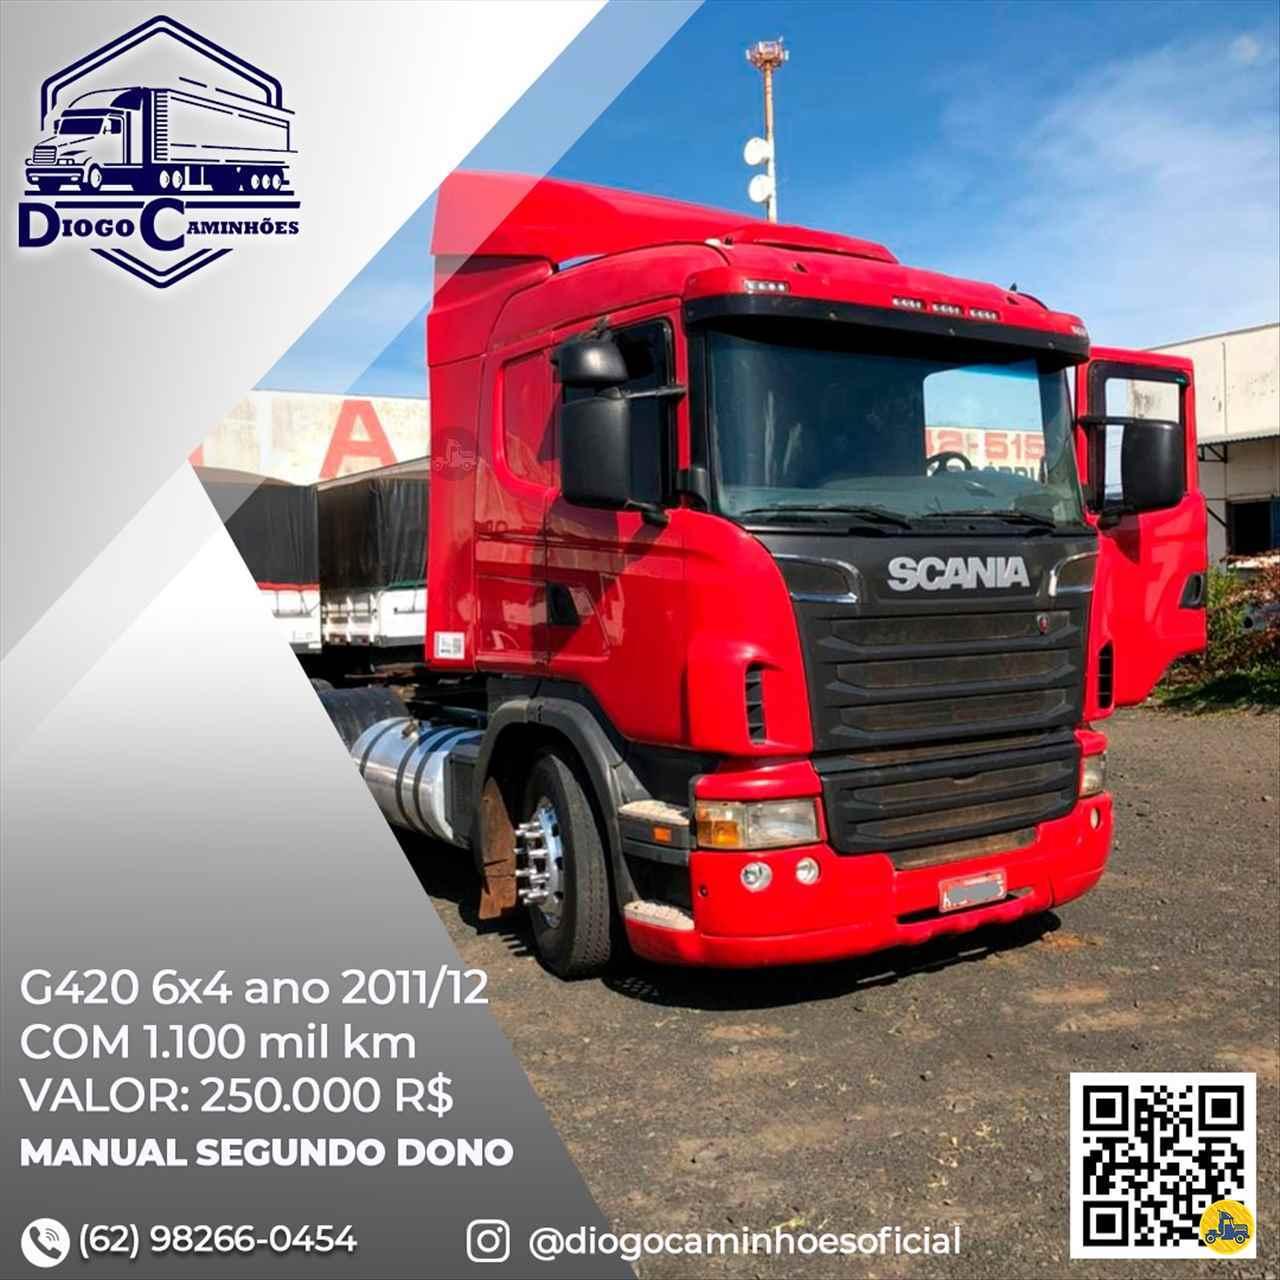 CAMINHAO SCANIA SCANIA 420 Cavalo Mecânico Traçado 6x4 Diogo Caminhões ANAPOLIS GOIAS GO